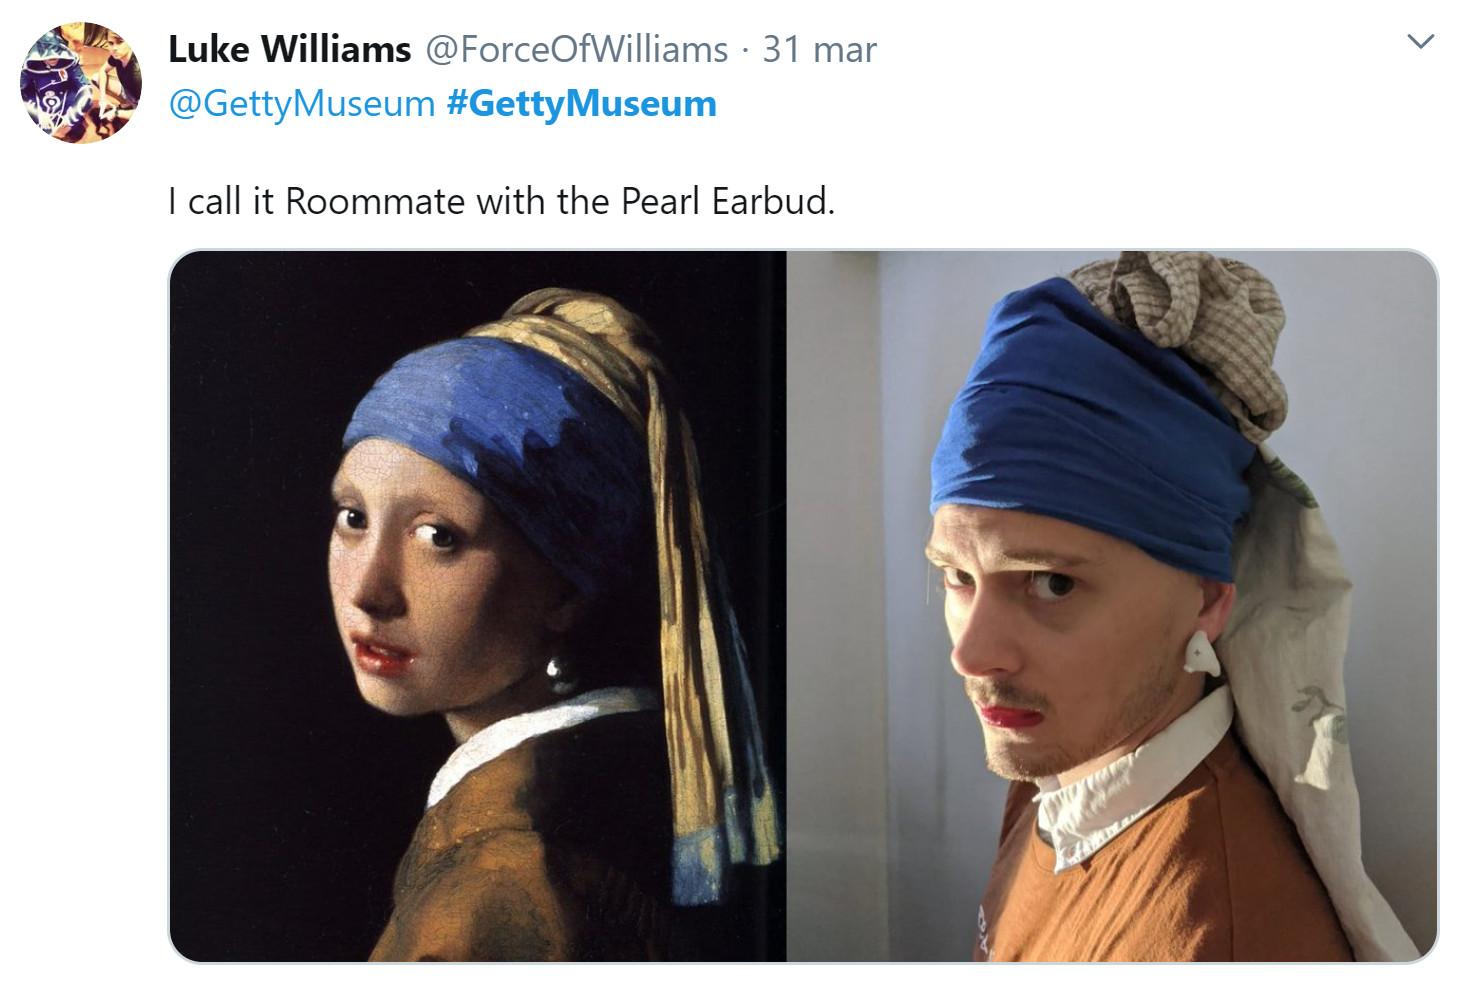 museo getty challenge ragazza orecchino di perla